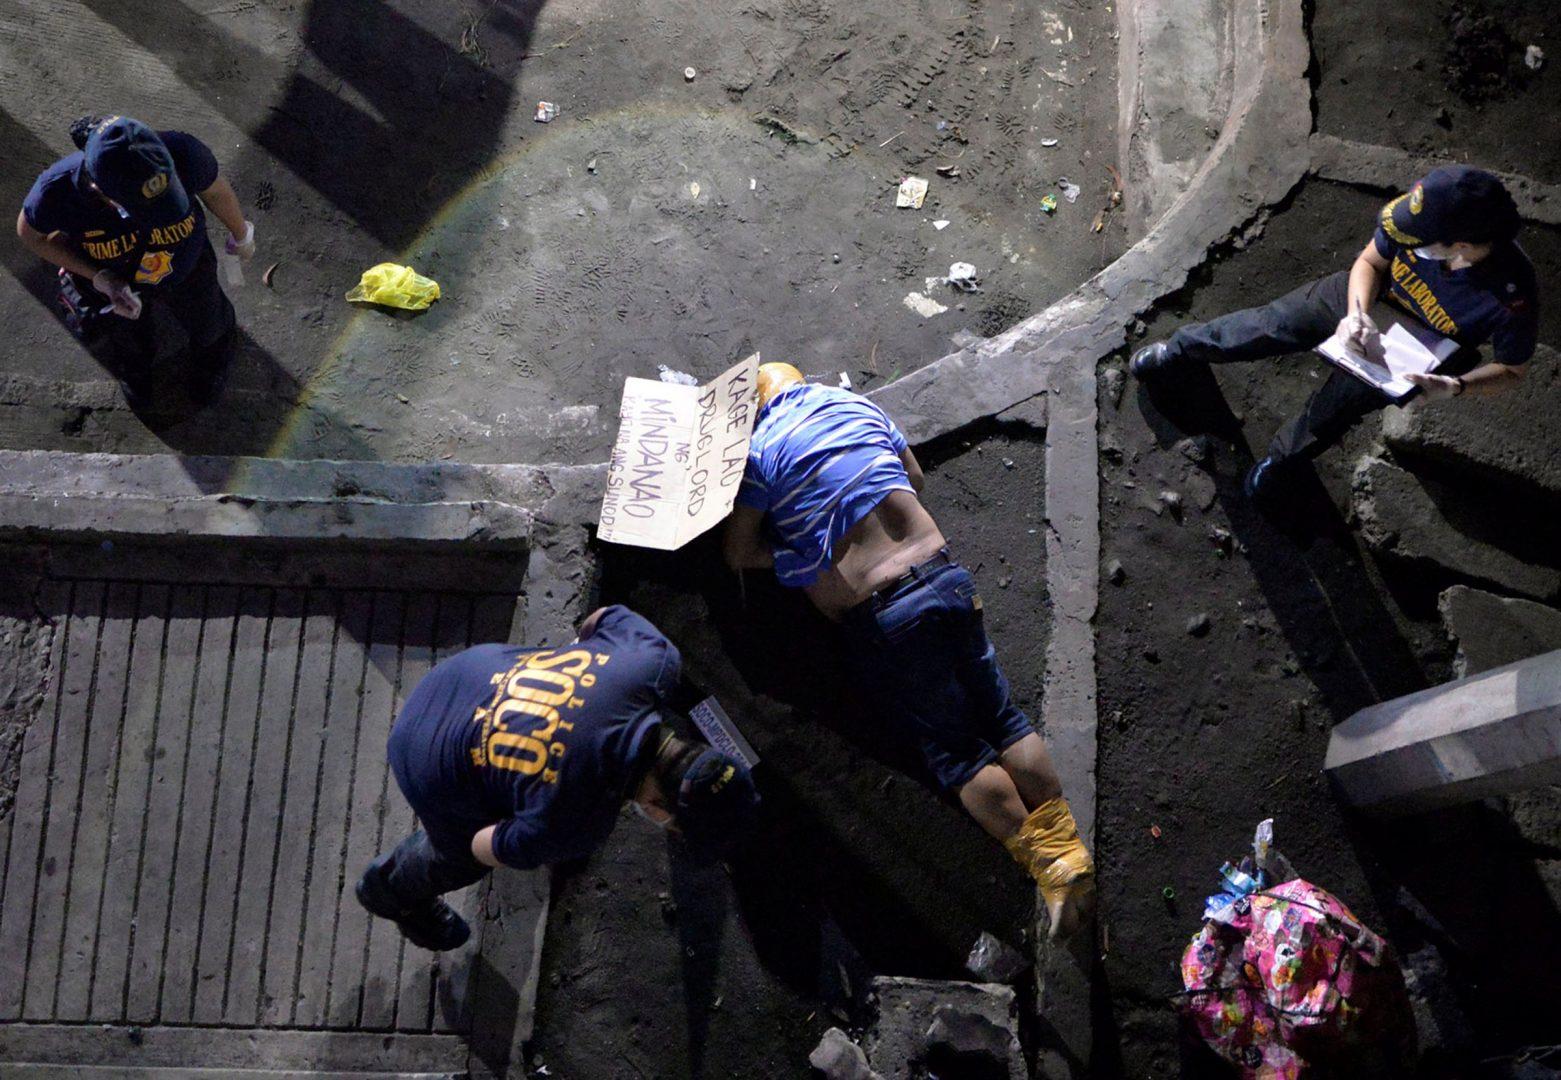 United States 'optimistic' over dip in Philippines extrajudicial deaths